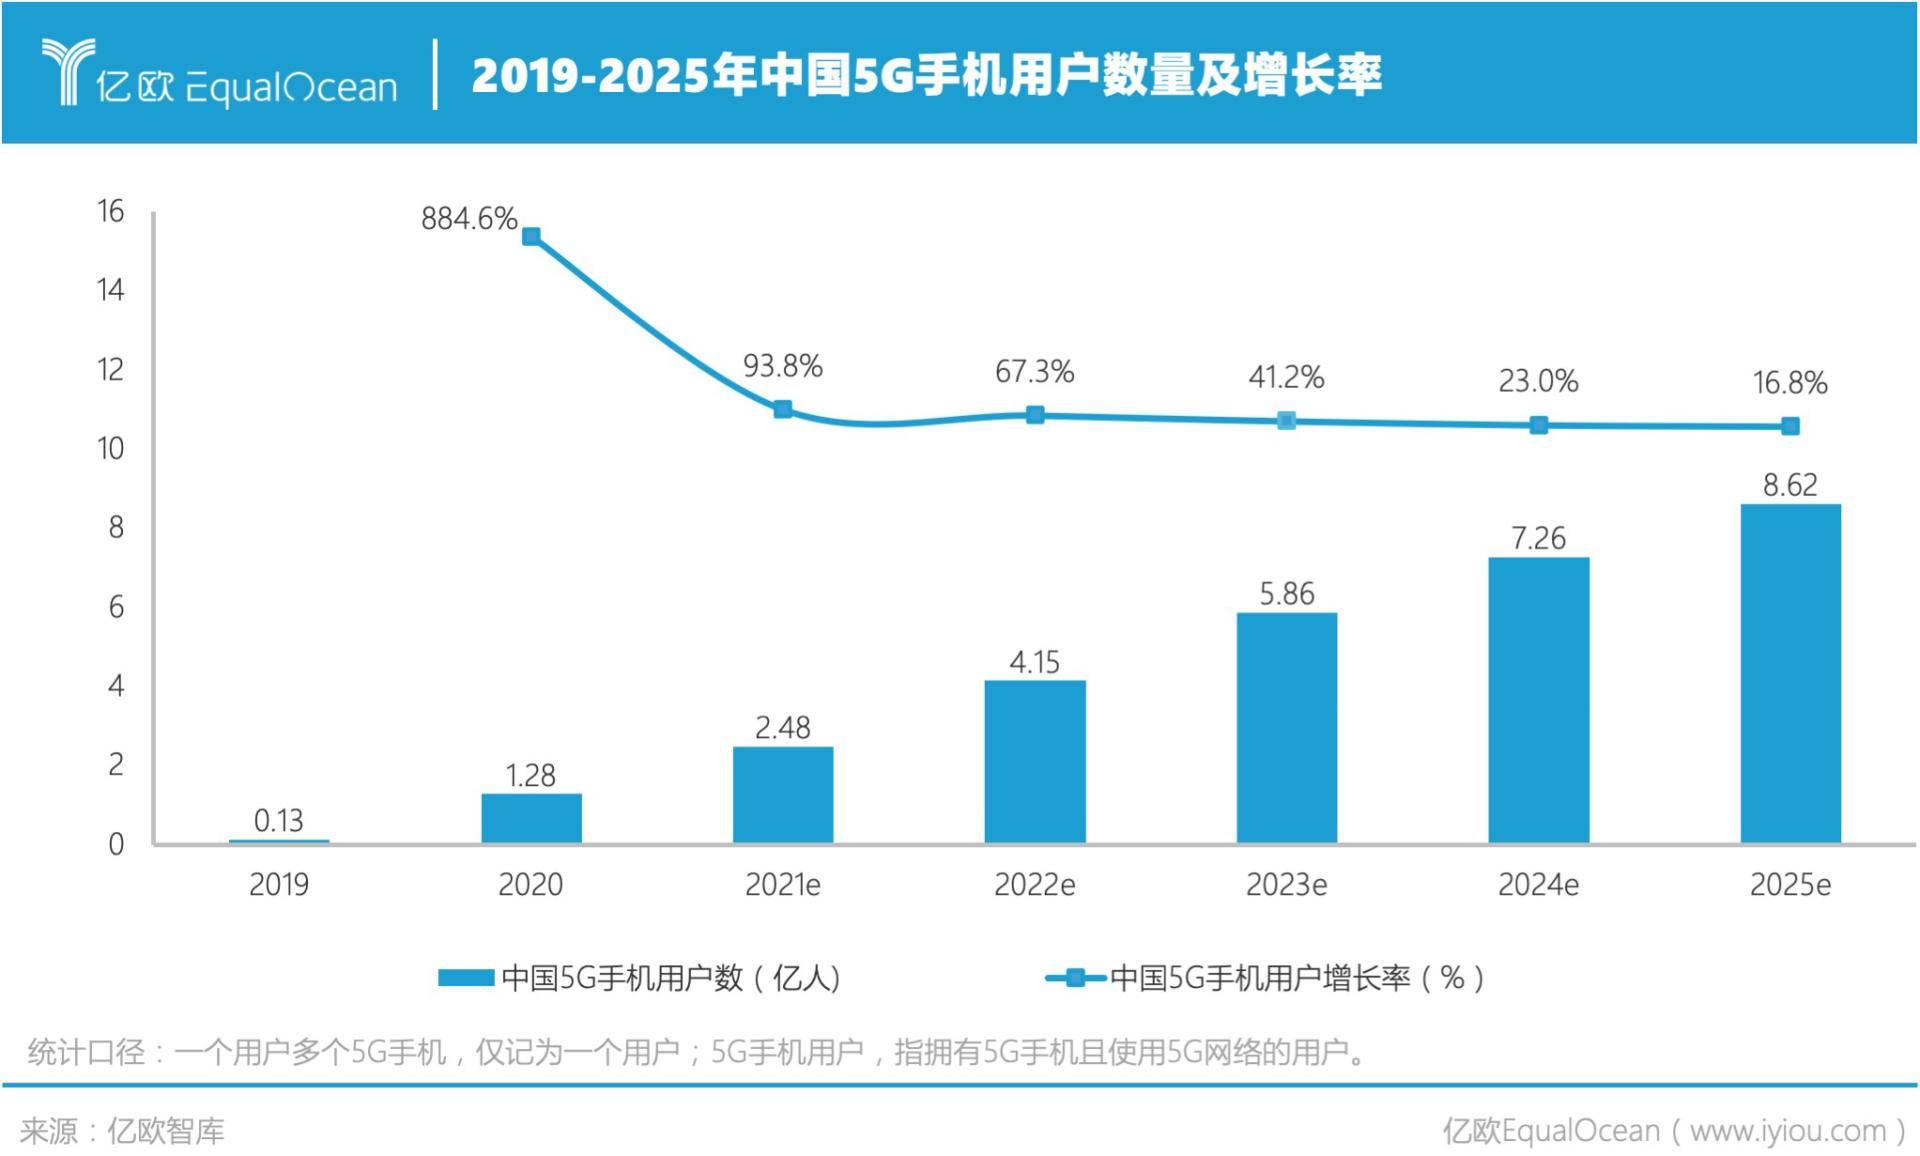 中国5G手机用户数 (2019-2025).jpg.jpg